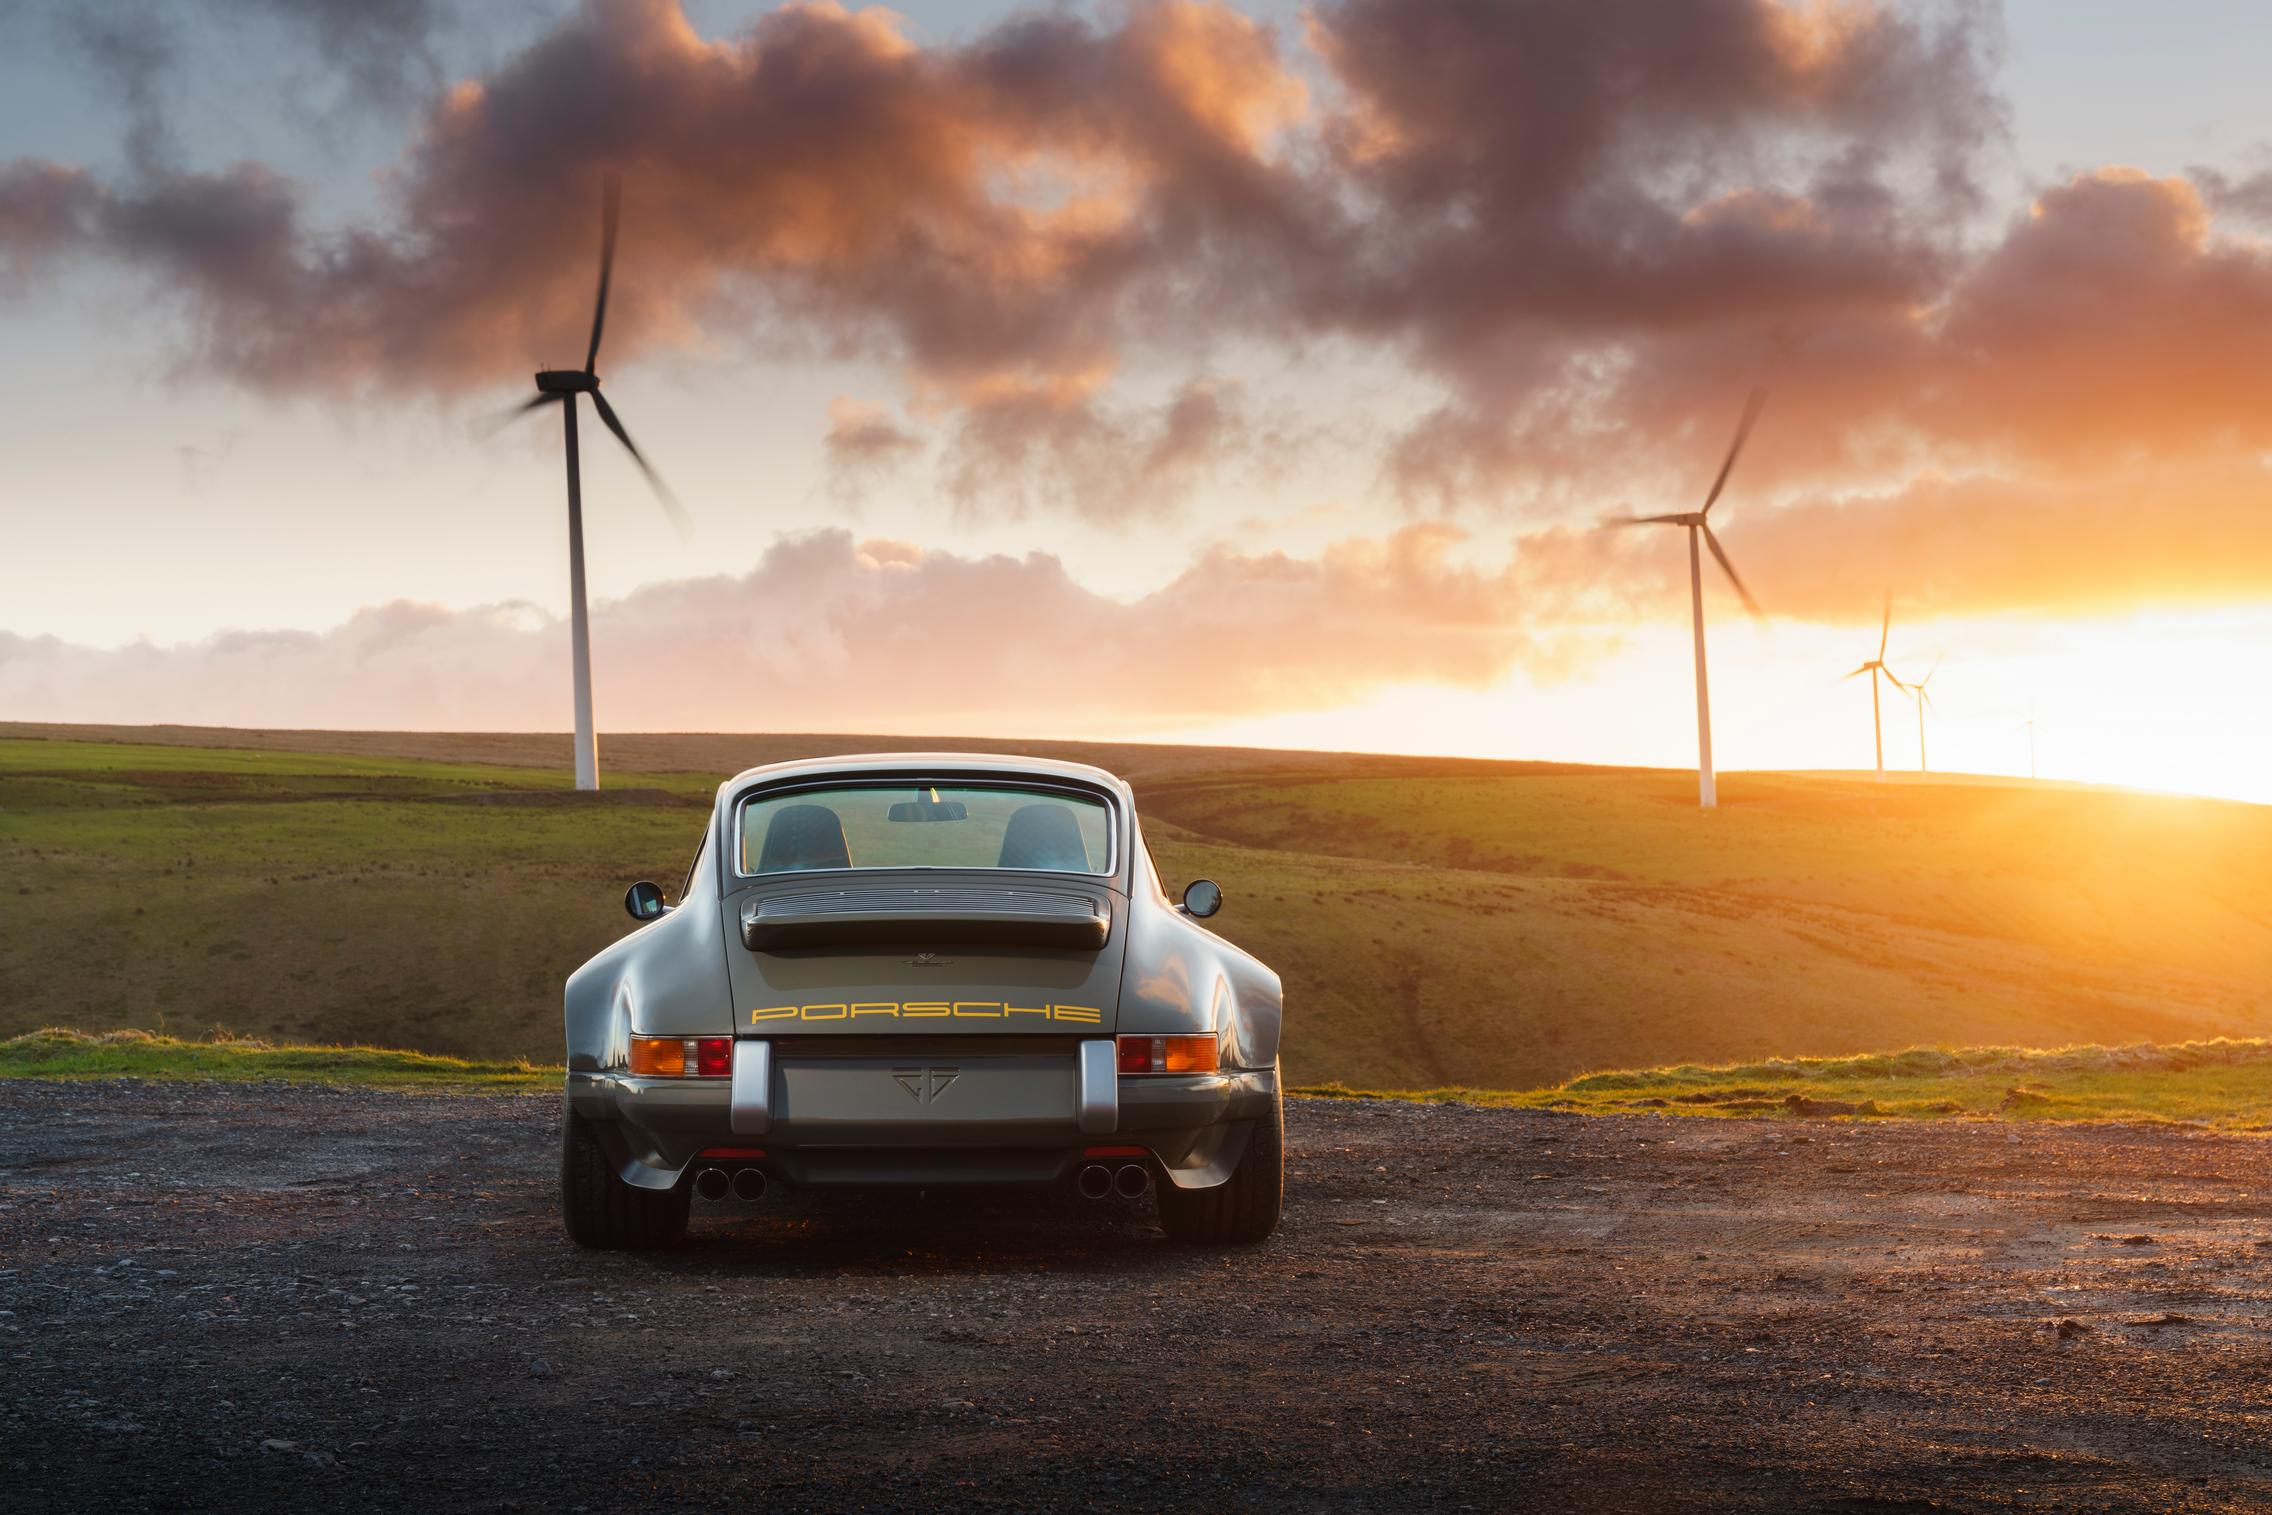 Porsche 964 wallpaper